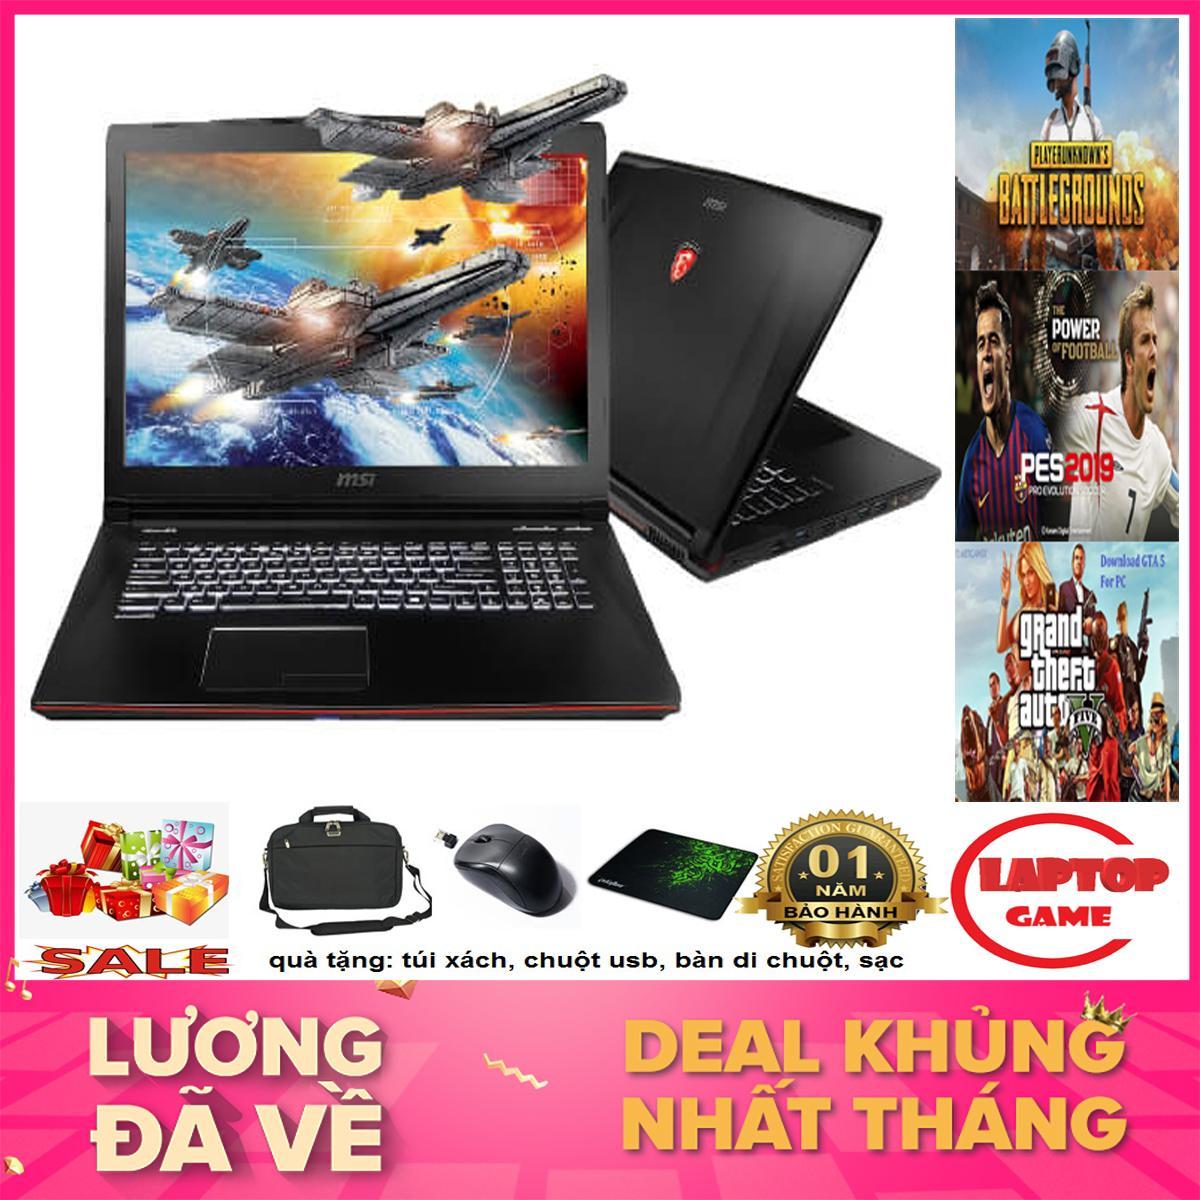 LAPTOP GAME MSI GE62 2QC (Core i5-4210H, RAM 8GB, HDD 500G,VGA GTX 960M, 15.6 inch Full HD 1920*1080 )